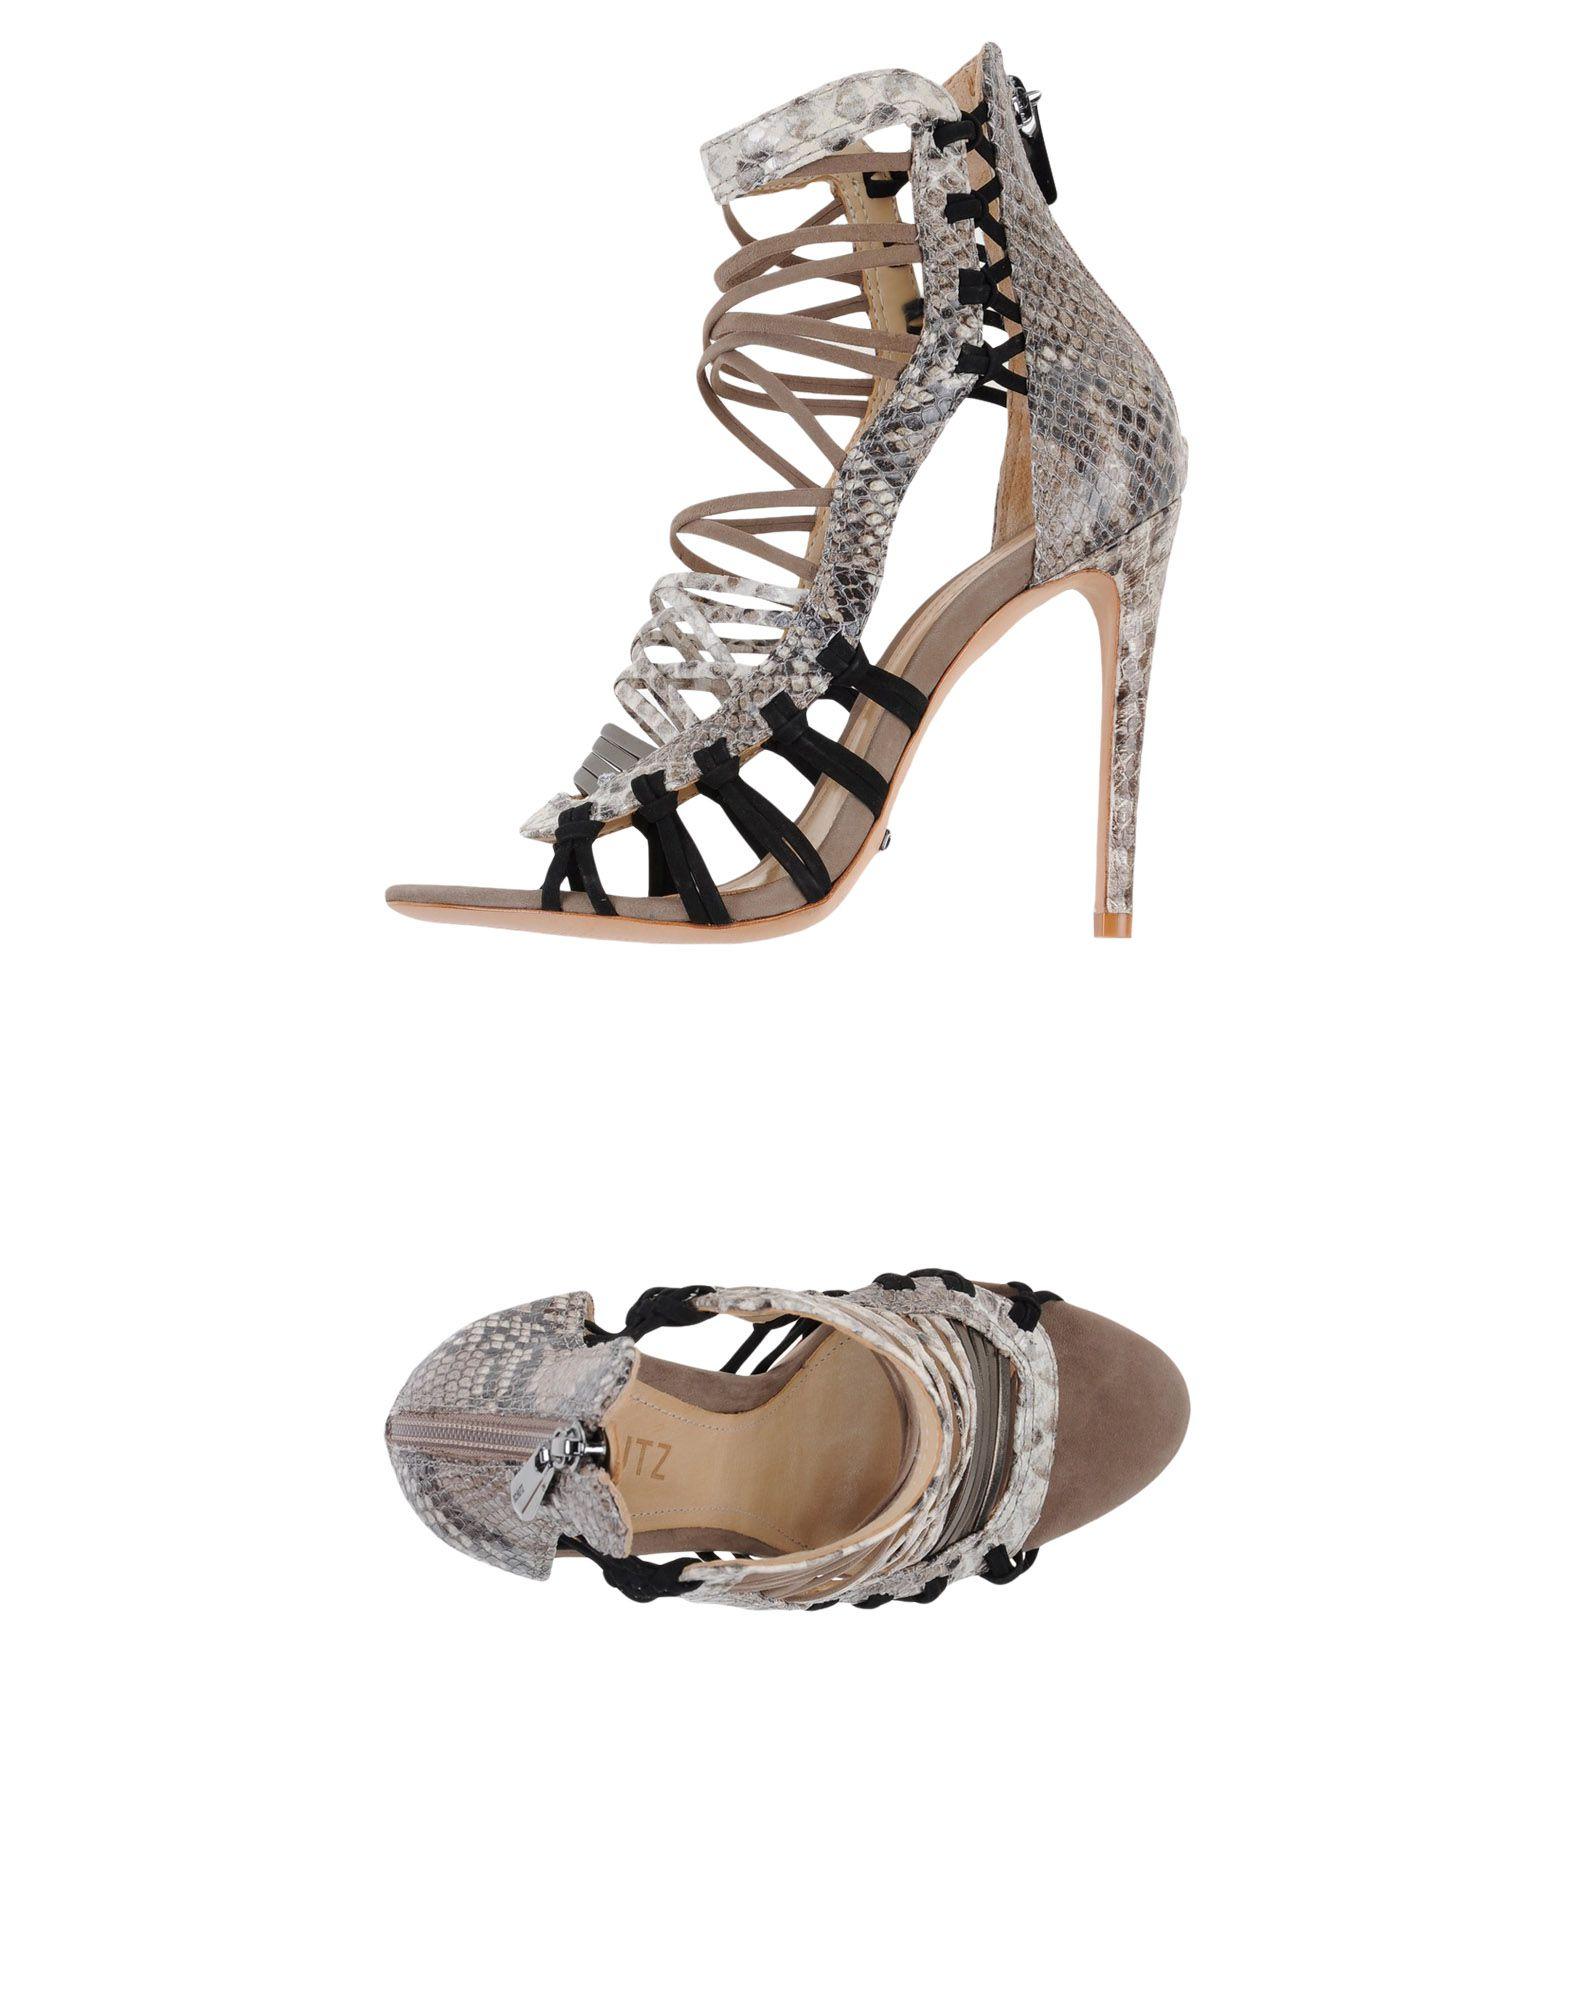 Schutz Sandalen Damen aussehende  11129334RAGut aussehende Damen strapazierfähige Schuhe 8cddd3